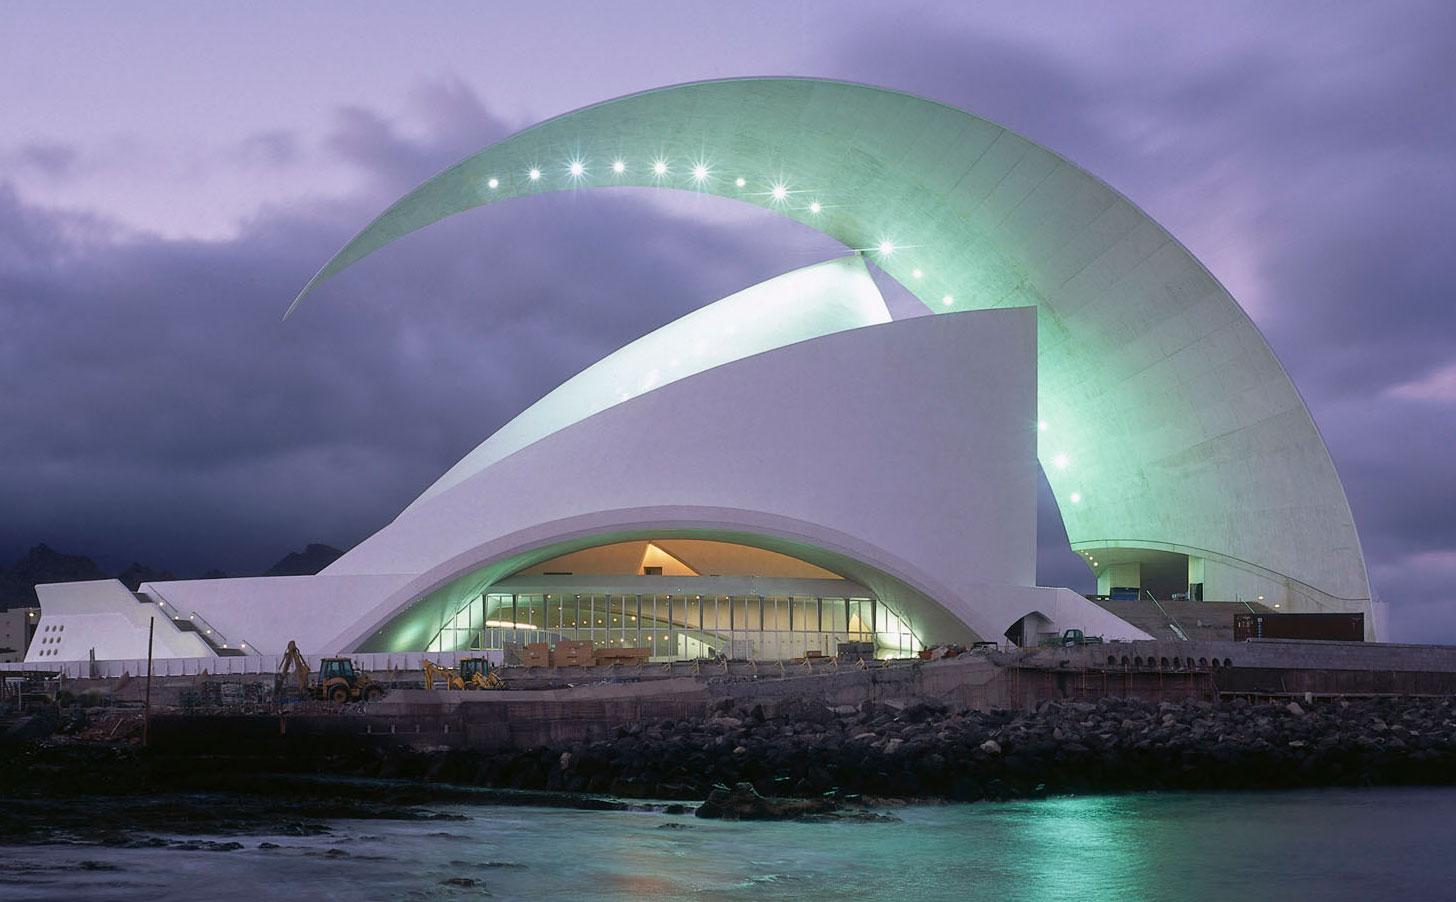 Концертный зал Аудиторио-де-Тенерифе